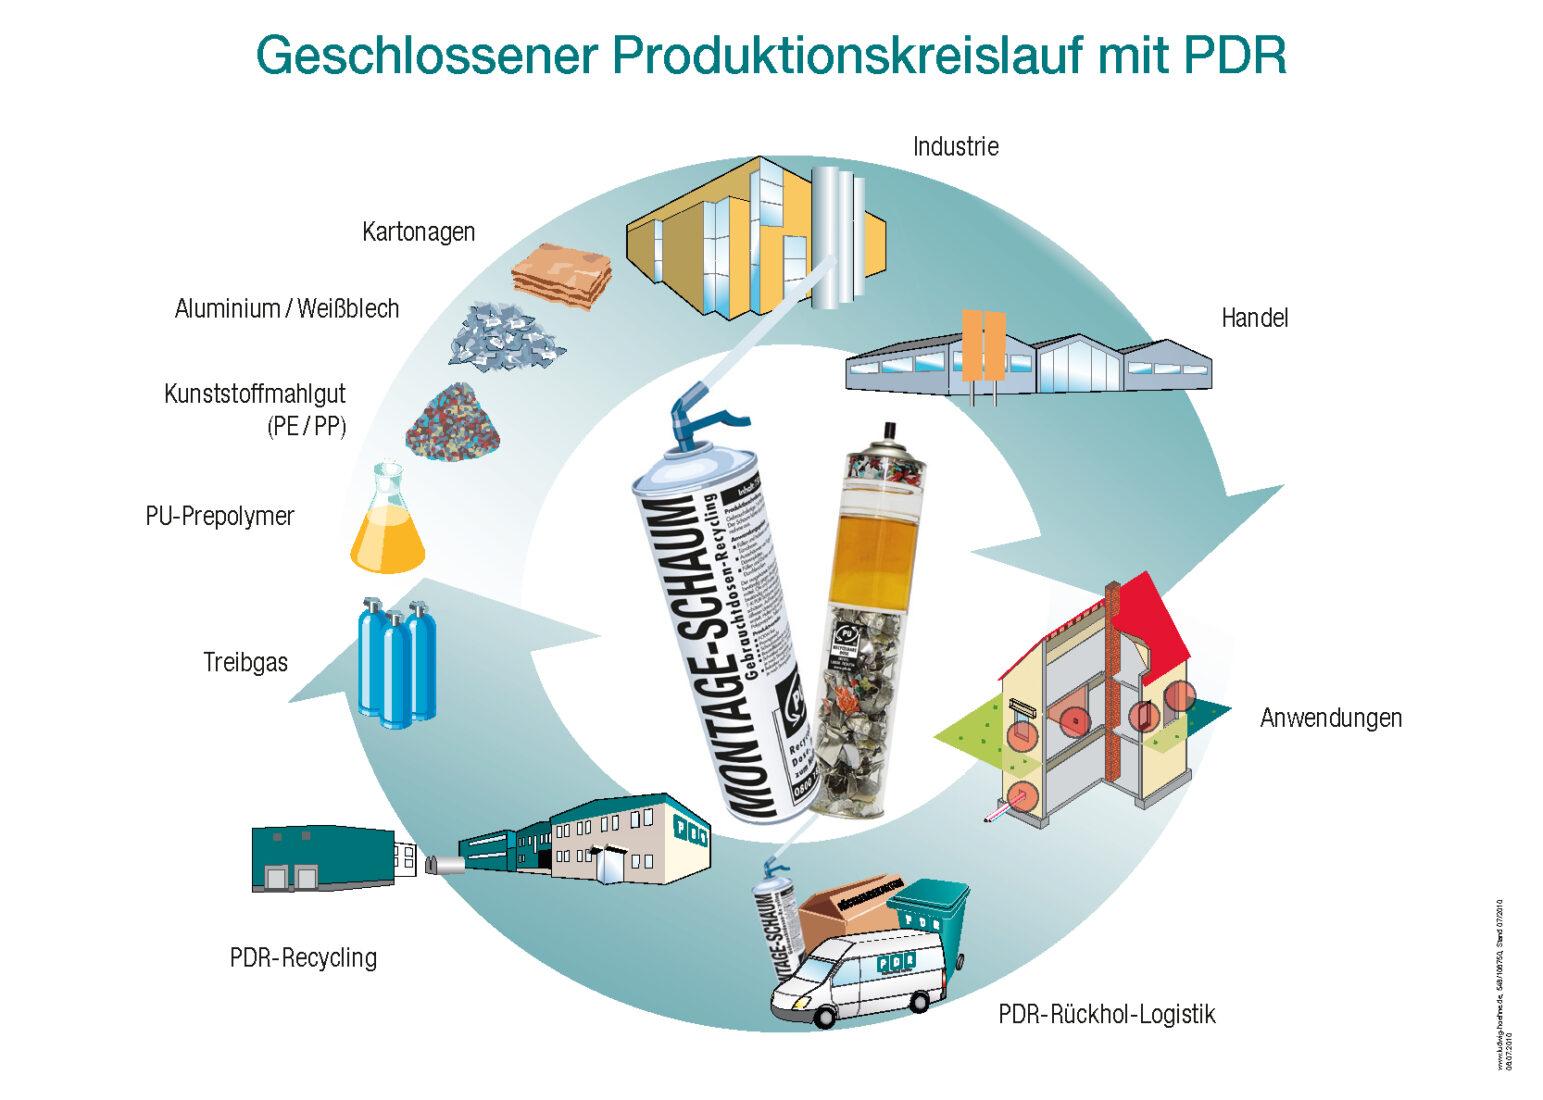 So soll es sein: Die PDR organisiert die Wiederverwertung von Montageschaumdosen. Grafik: PDR